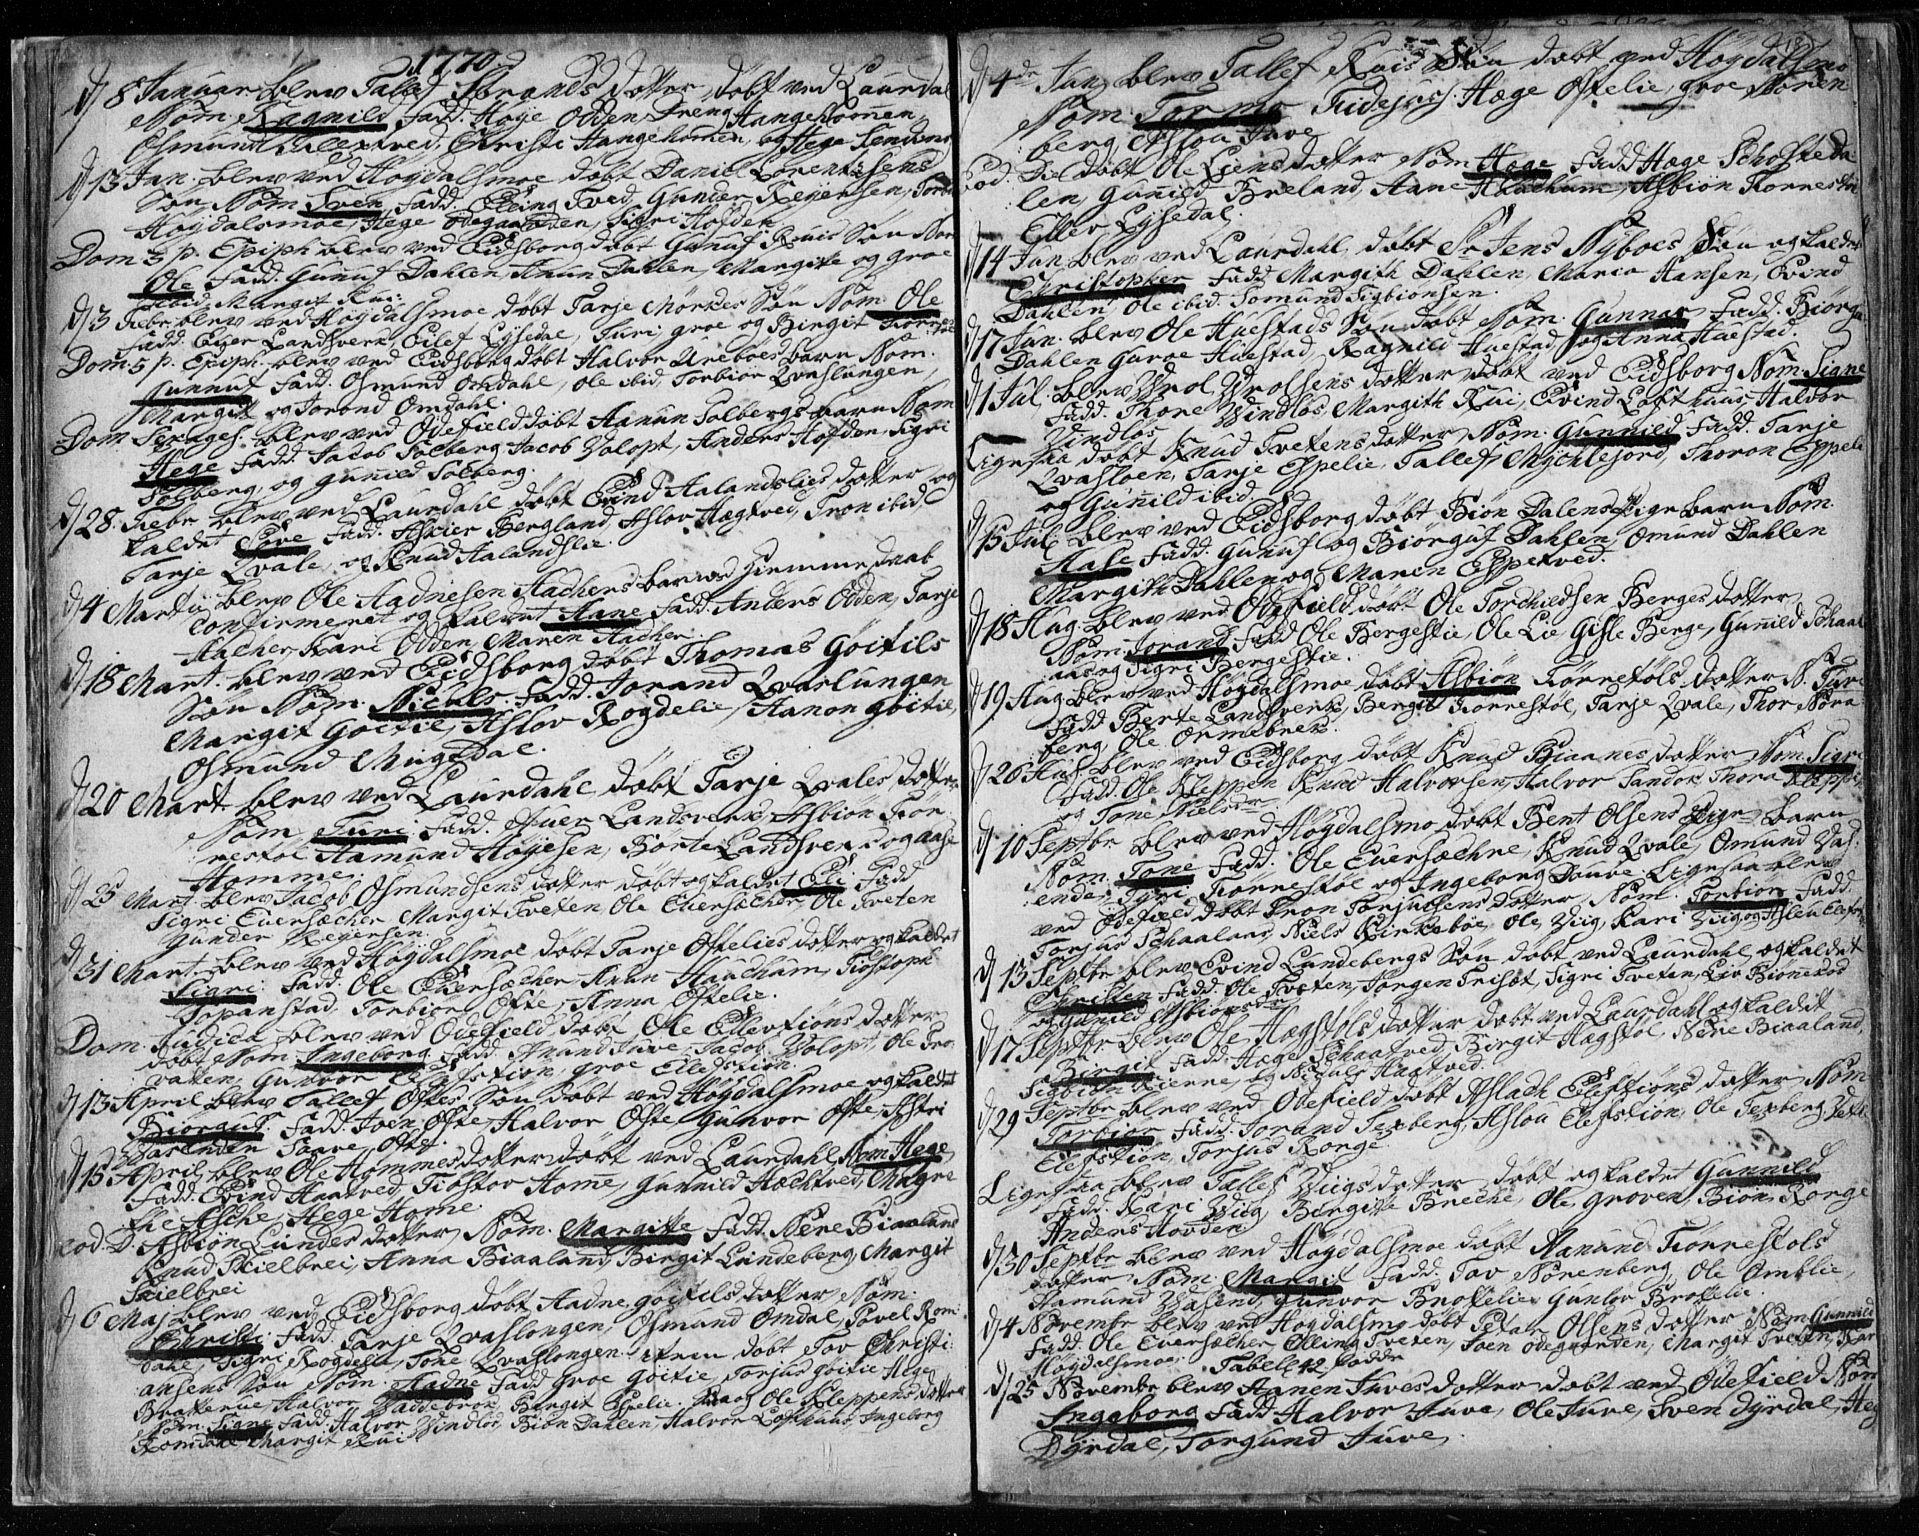 SAKO, Lårdal kirkebøker, F/Fa/L0003: Ministerialbok nr. I 3, 1754-1790, s. 18